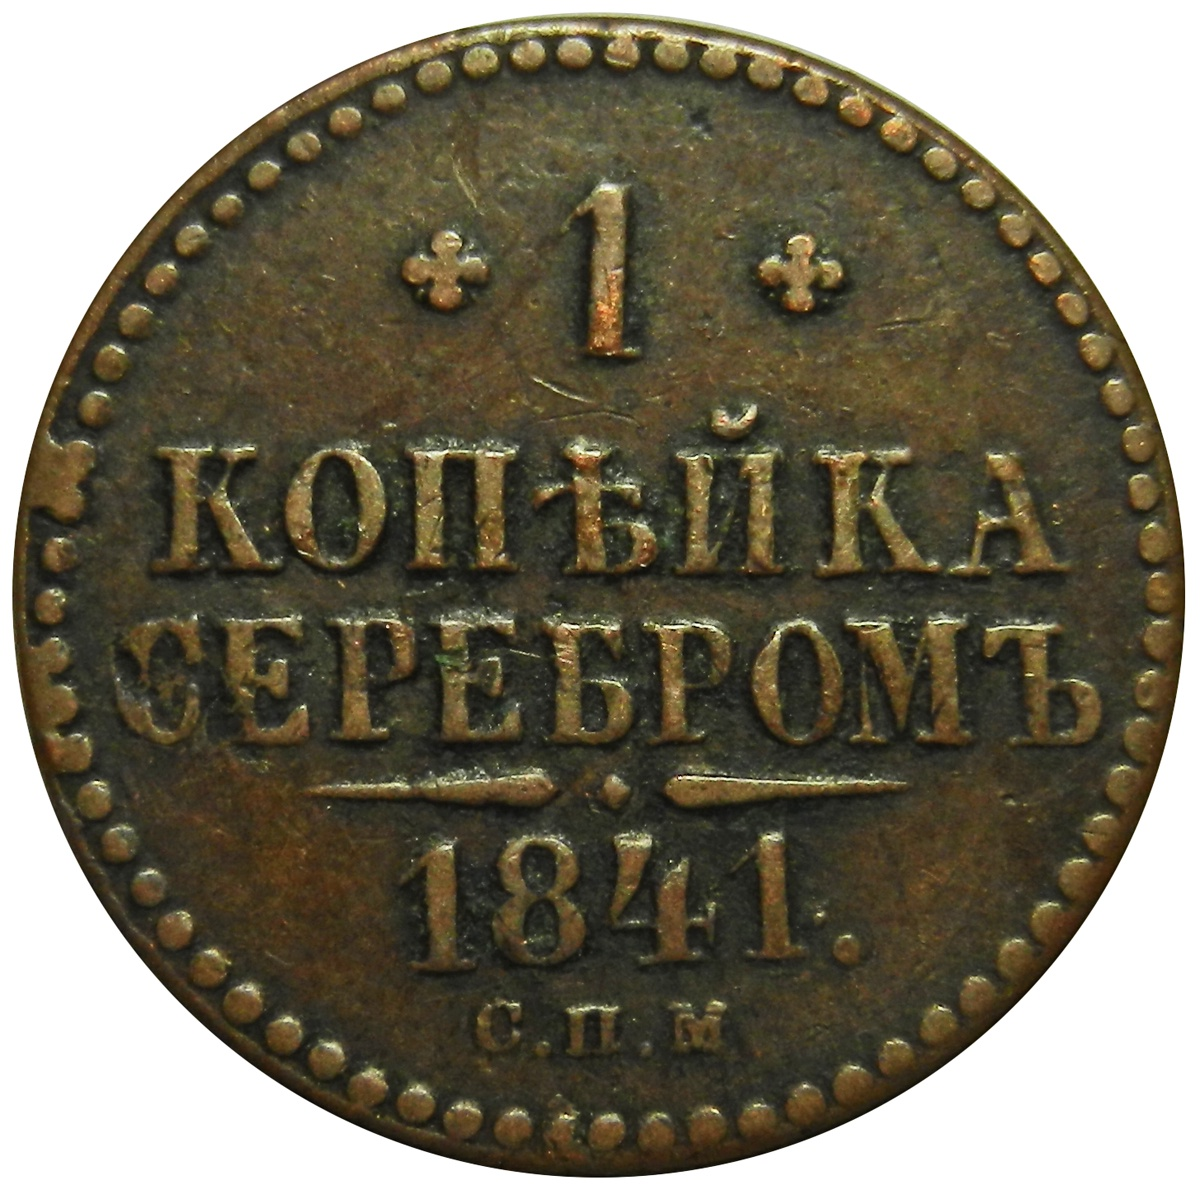 Монета 1 копейка серебром. Медь. Российская Империя, 1841 год (СПМ) XF монета 1 копейка серебром медь российская империя 1840 год спм xf